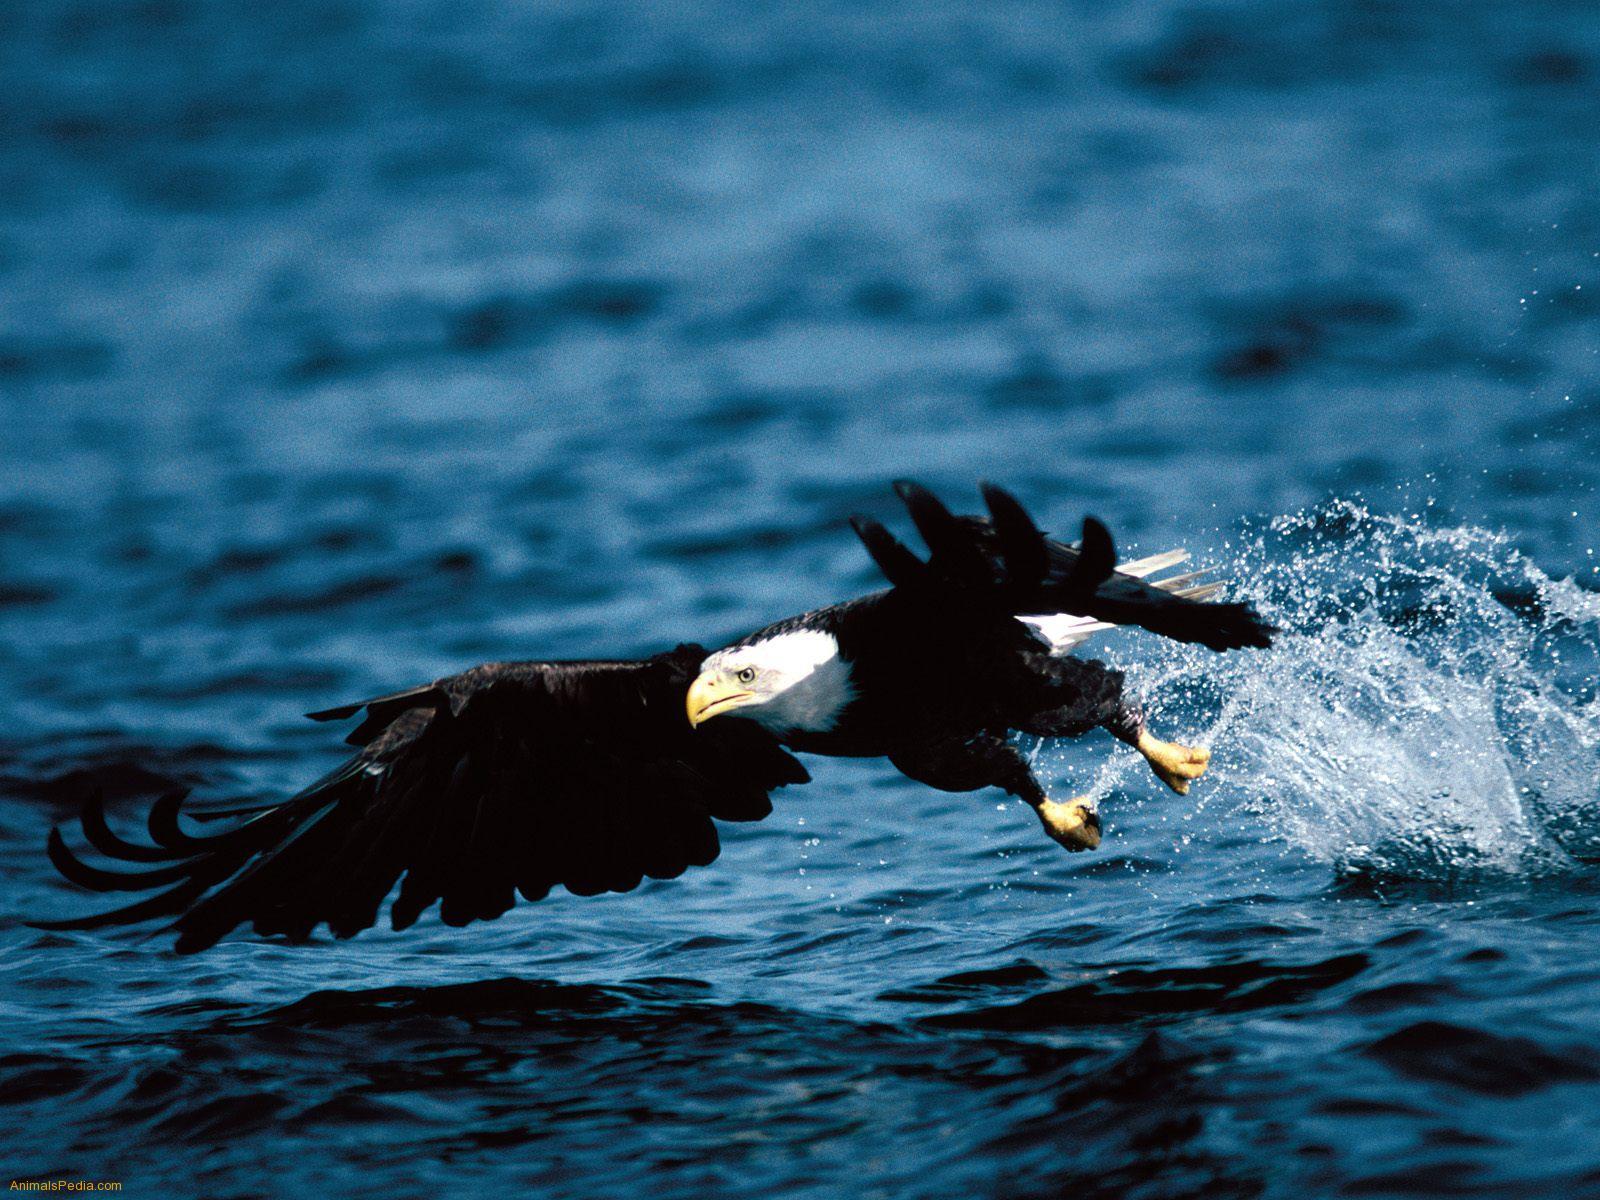 Desktop Images For Eagles Download